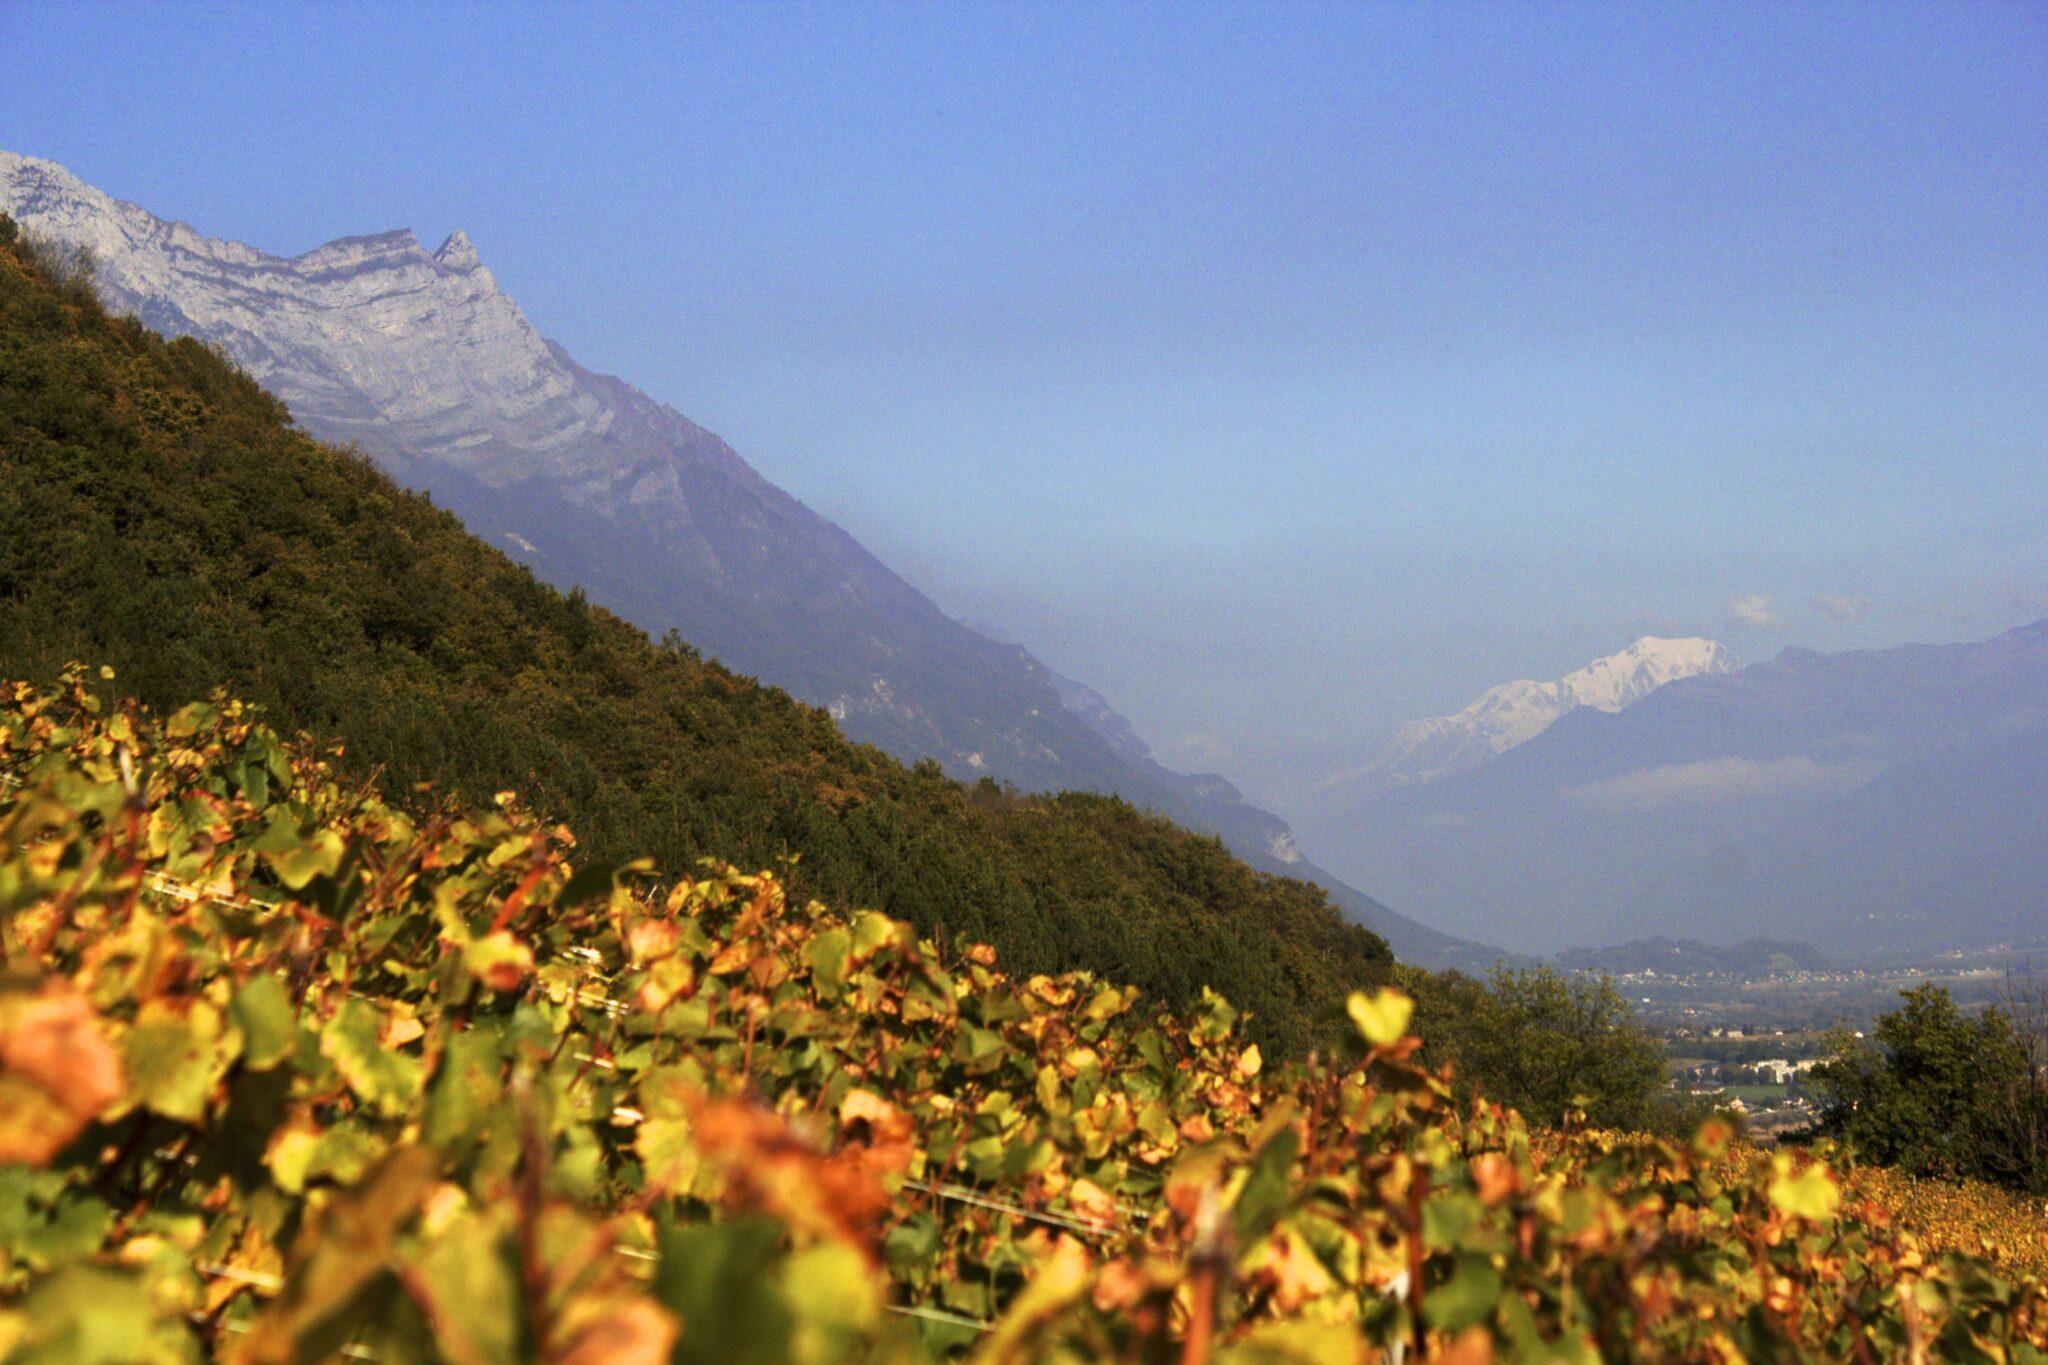 Des vignobles à découvrir en altitude lors du Fascinant Week-end